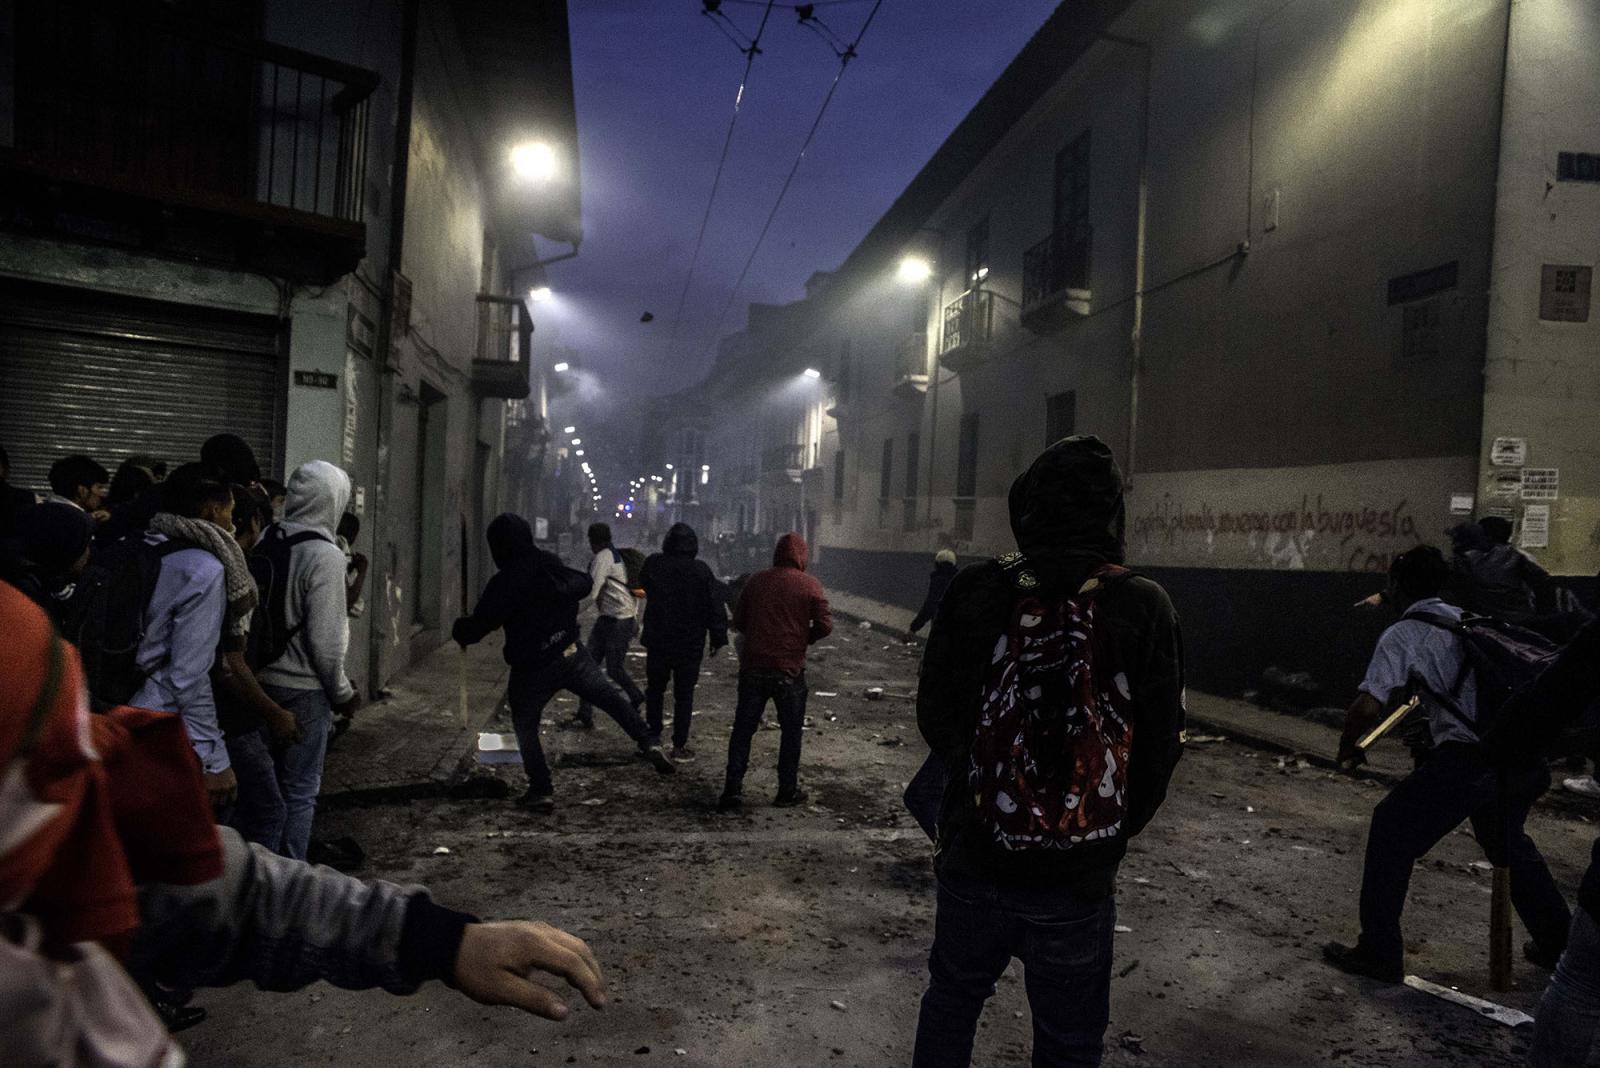 Photography image - Loading 05_EcuadorUnrest.jpg